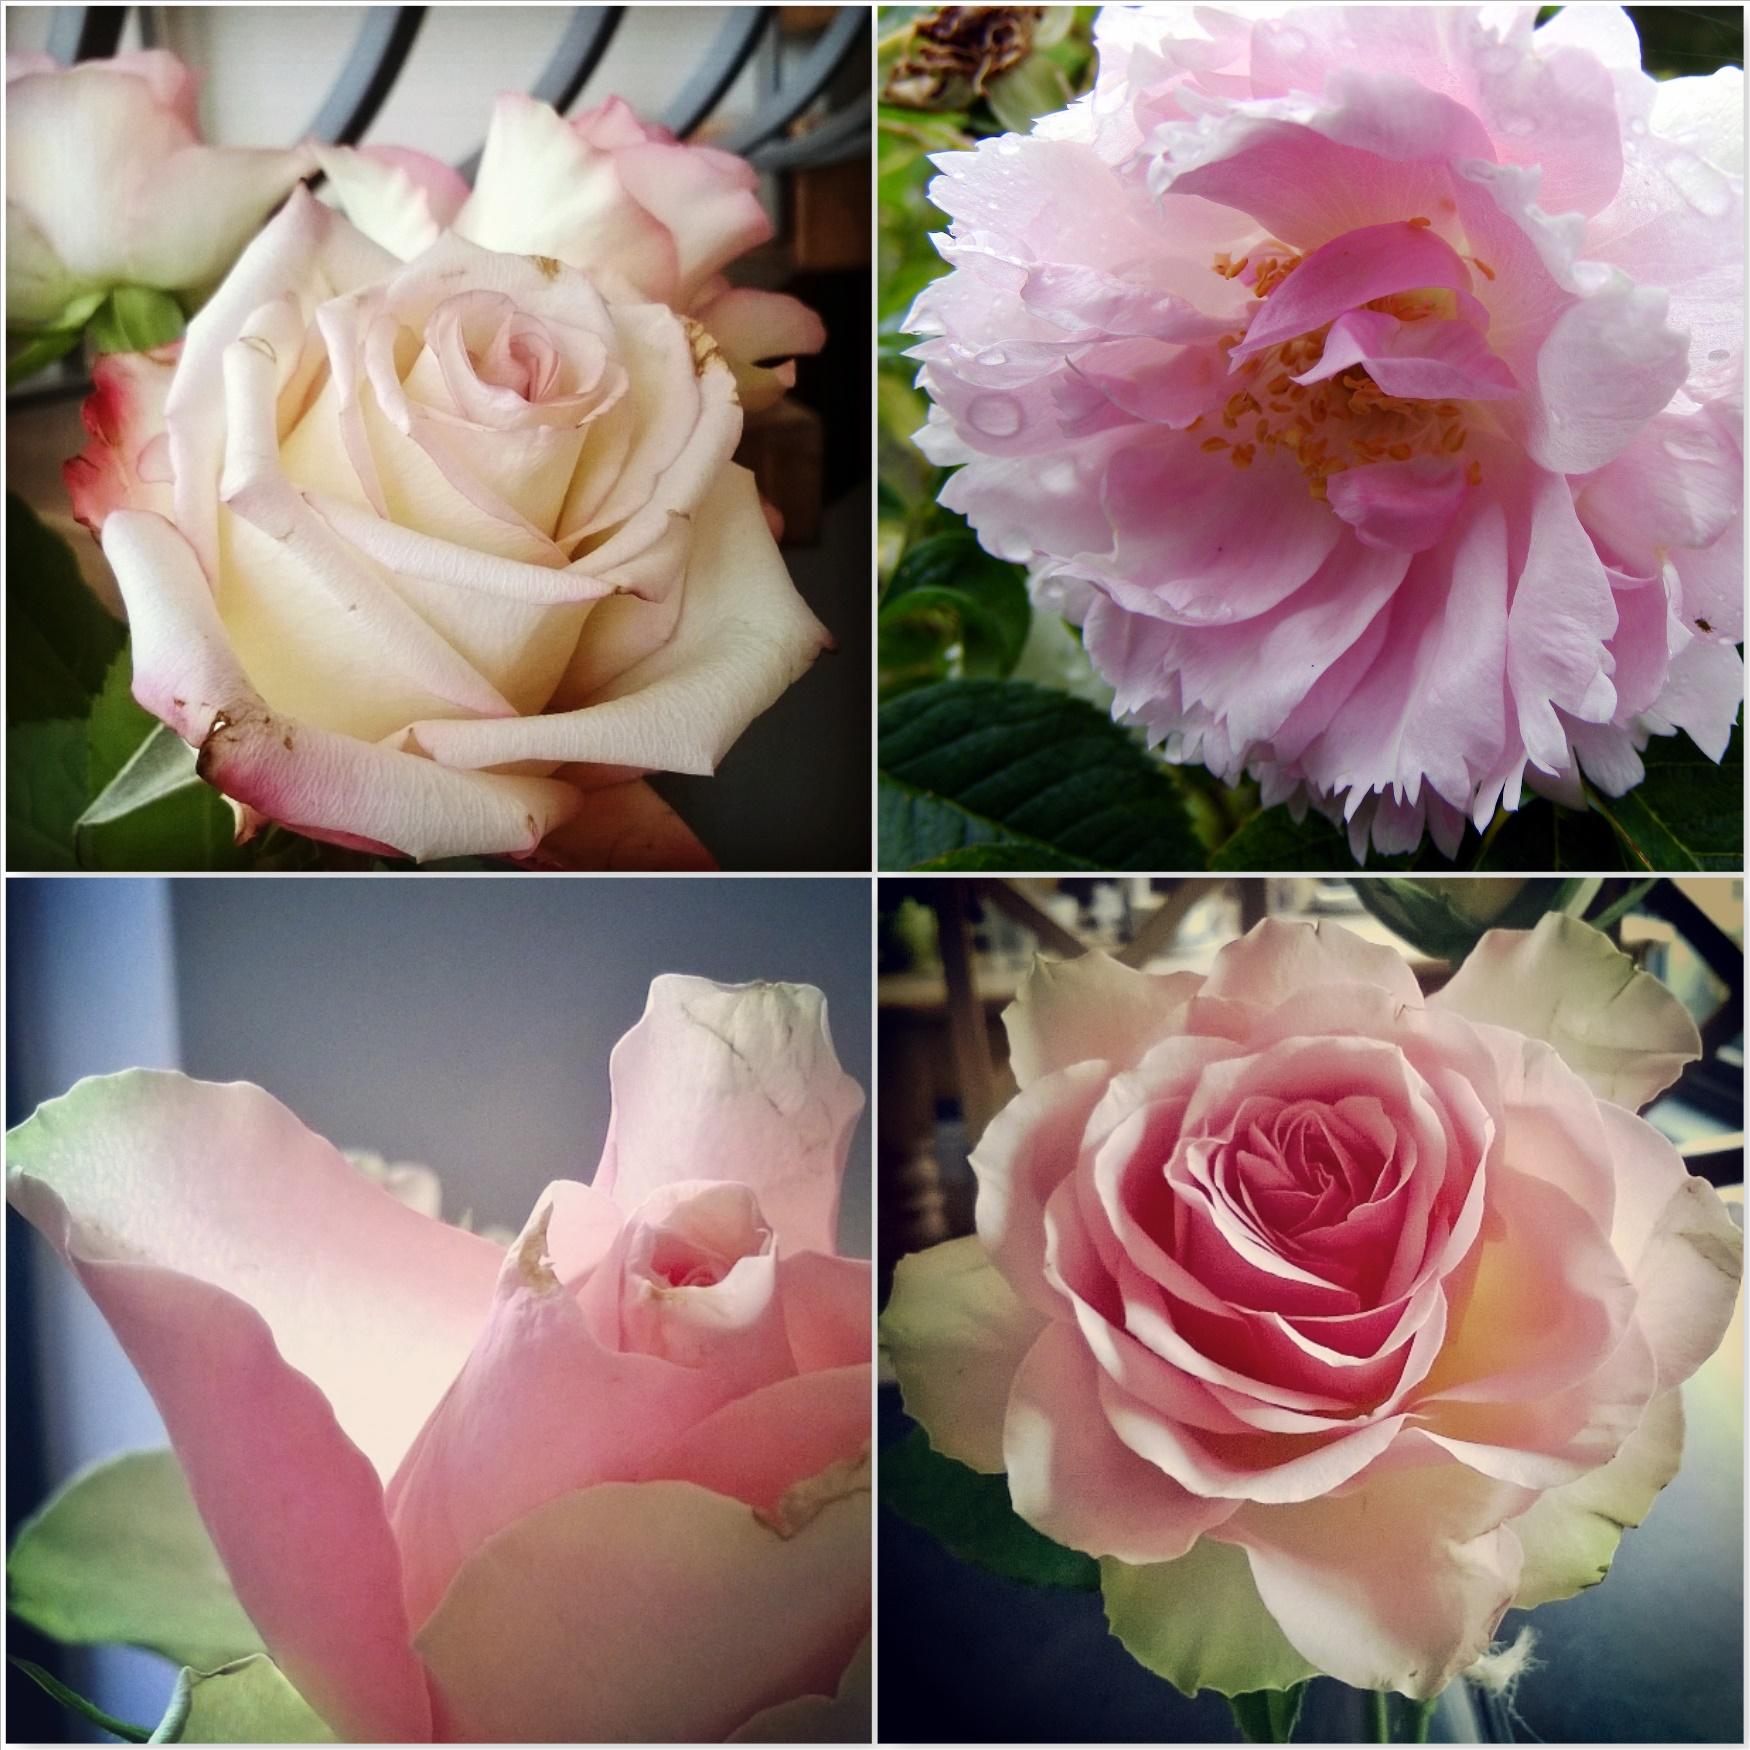 Pale-Pink-Roses-The-Last-Krystallos